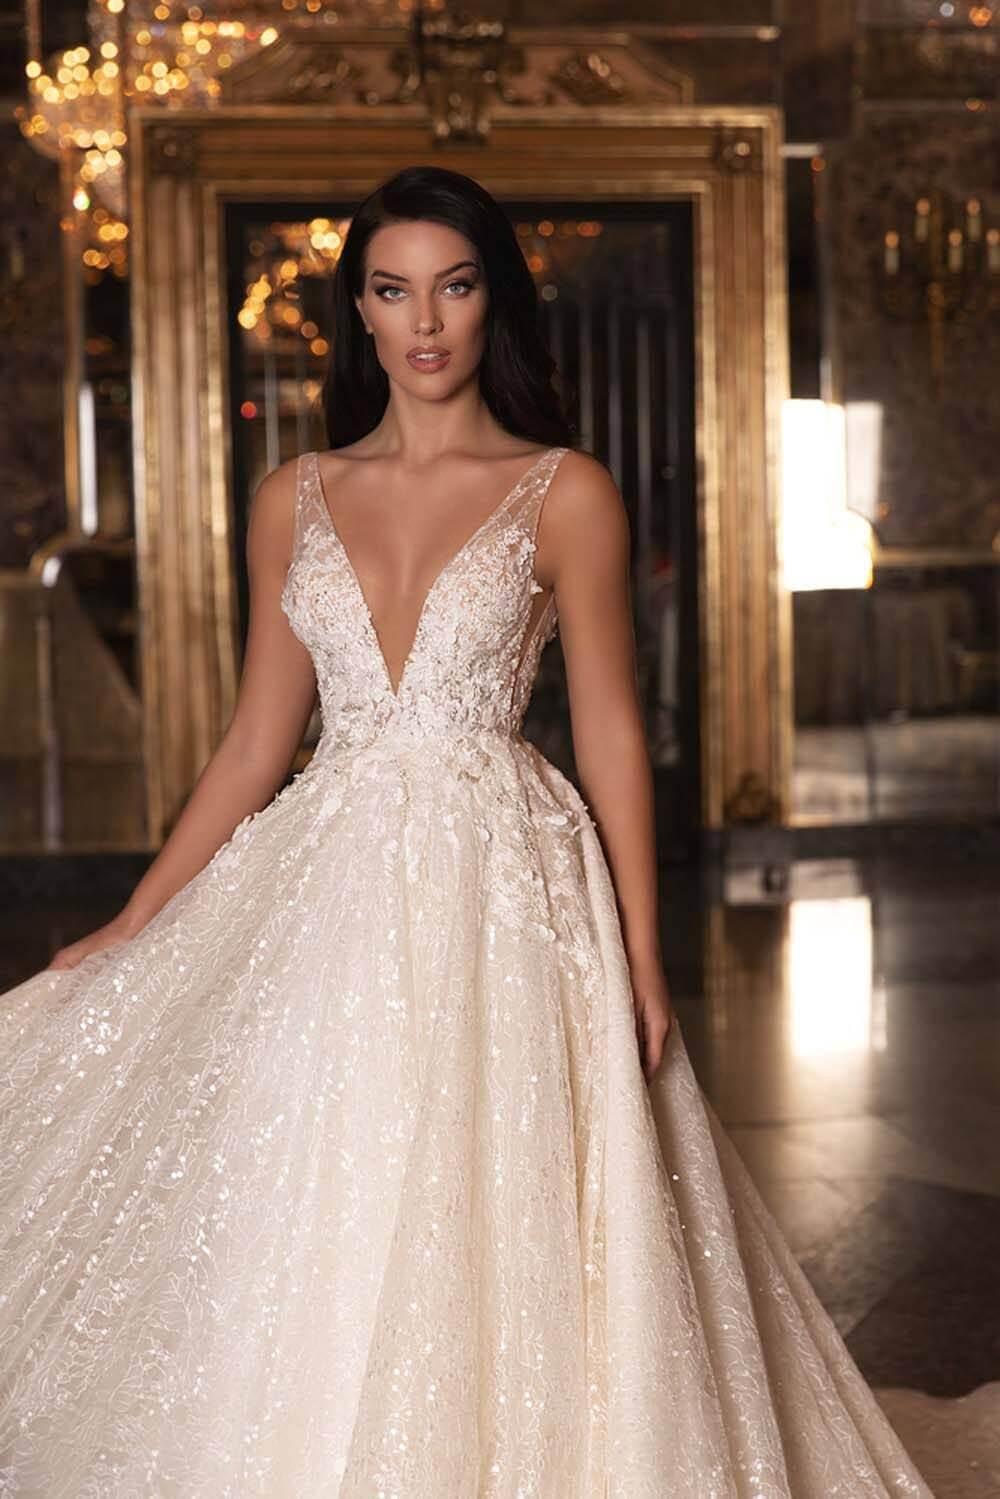 Vestidos de novia: Azalia by WONÁ Concept - En Bridal Room Boutique somos official resellers de esta marca de diseñadores de moda europeos, consíguelos en nuestras boutiques en Caracas y Margarita